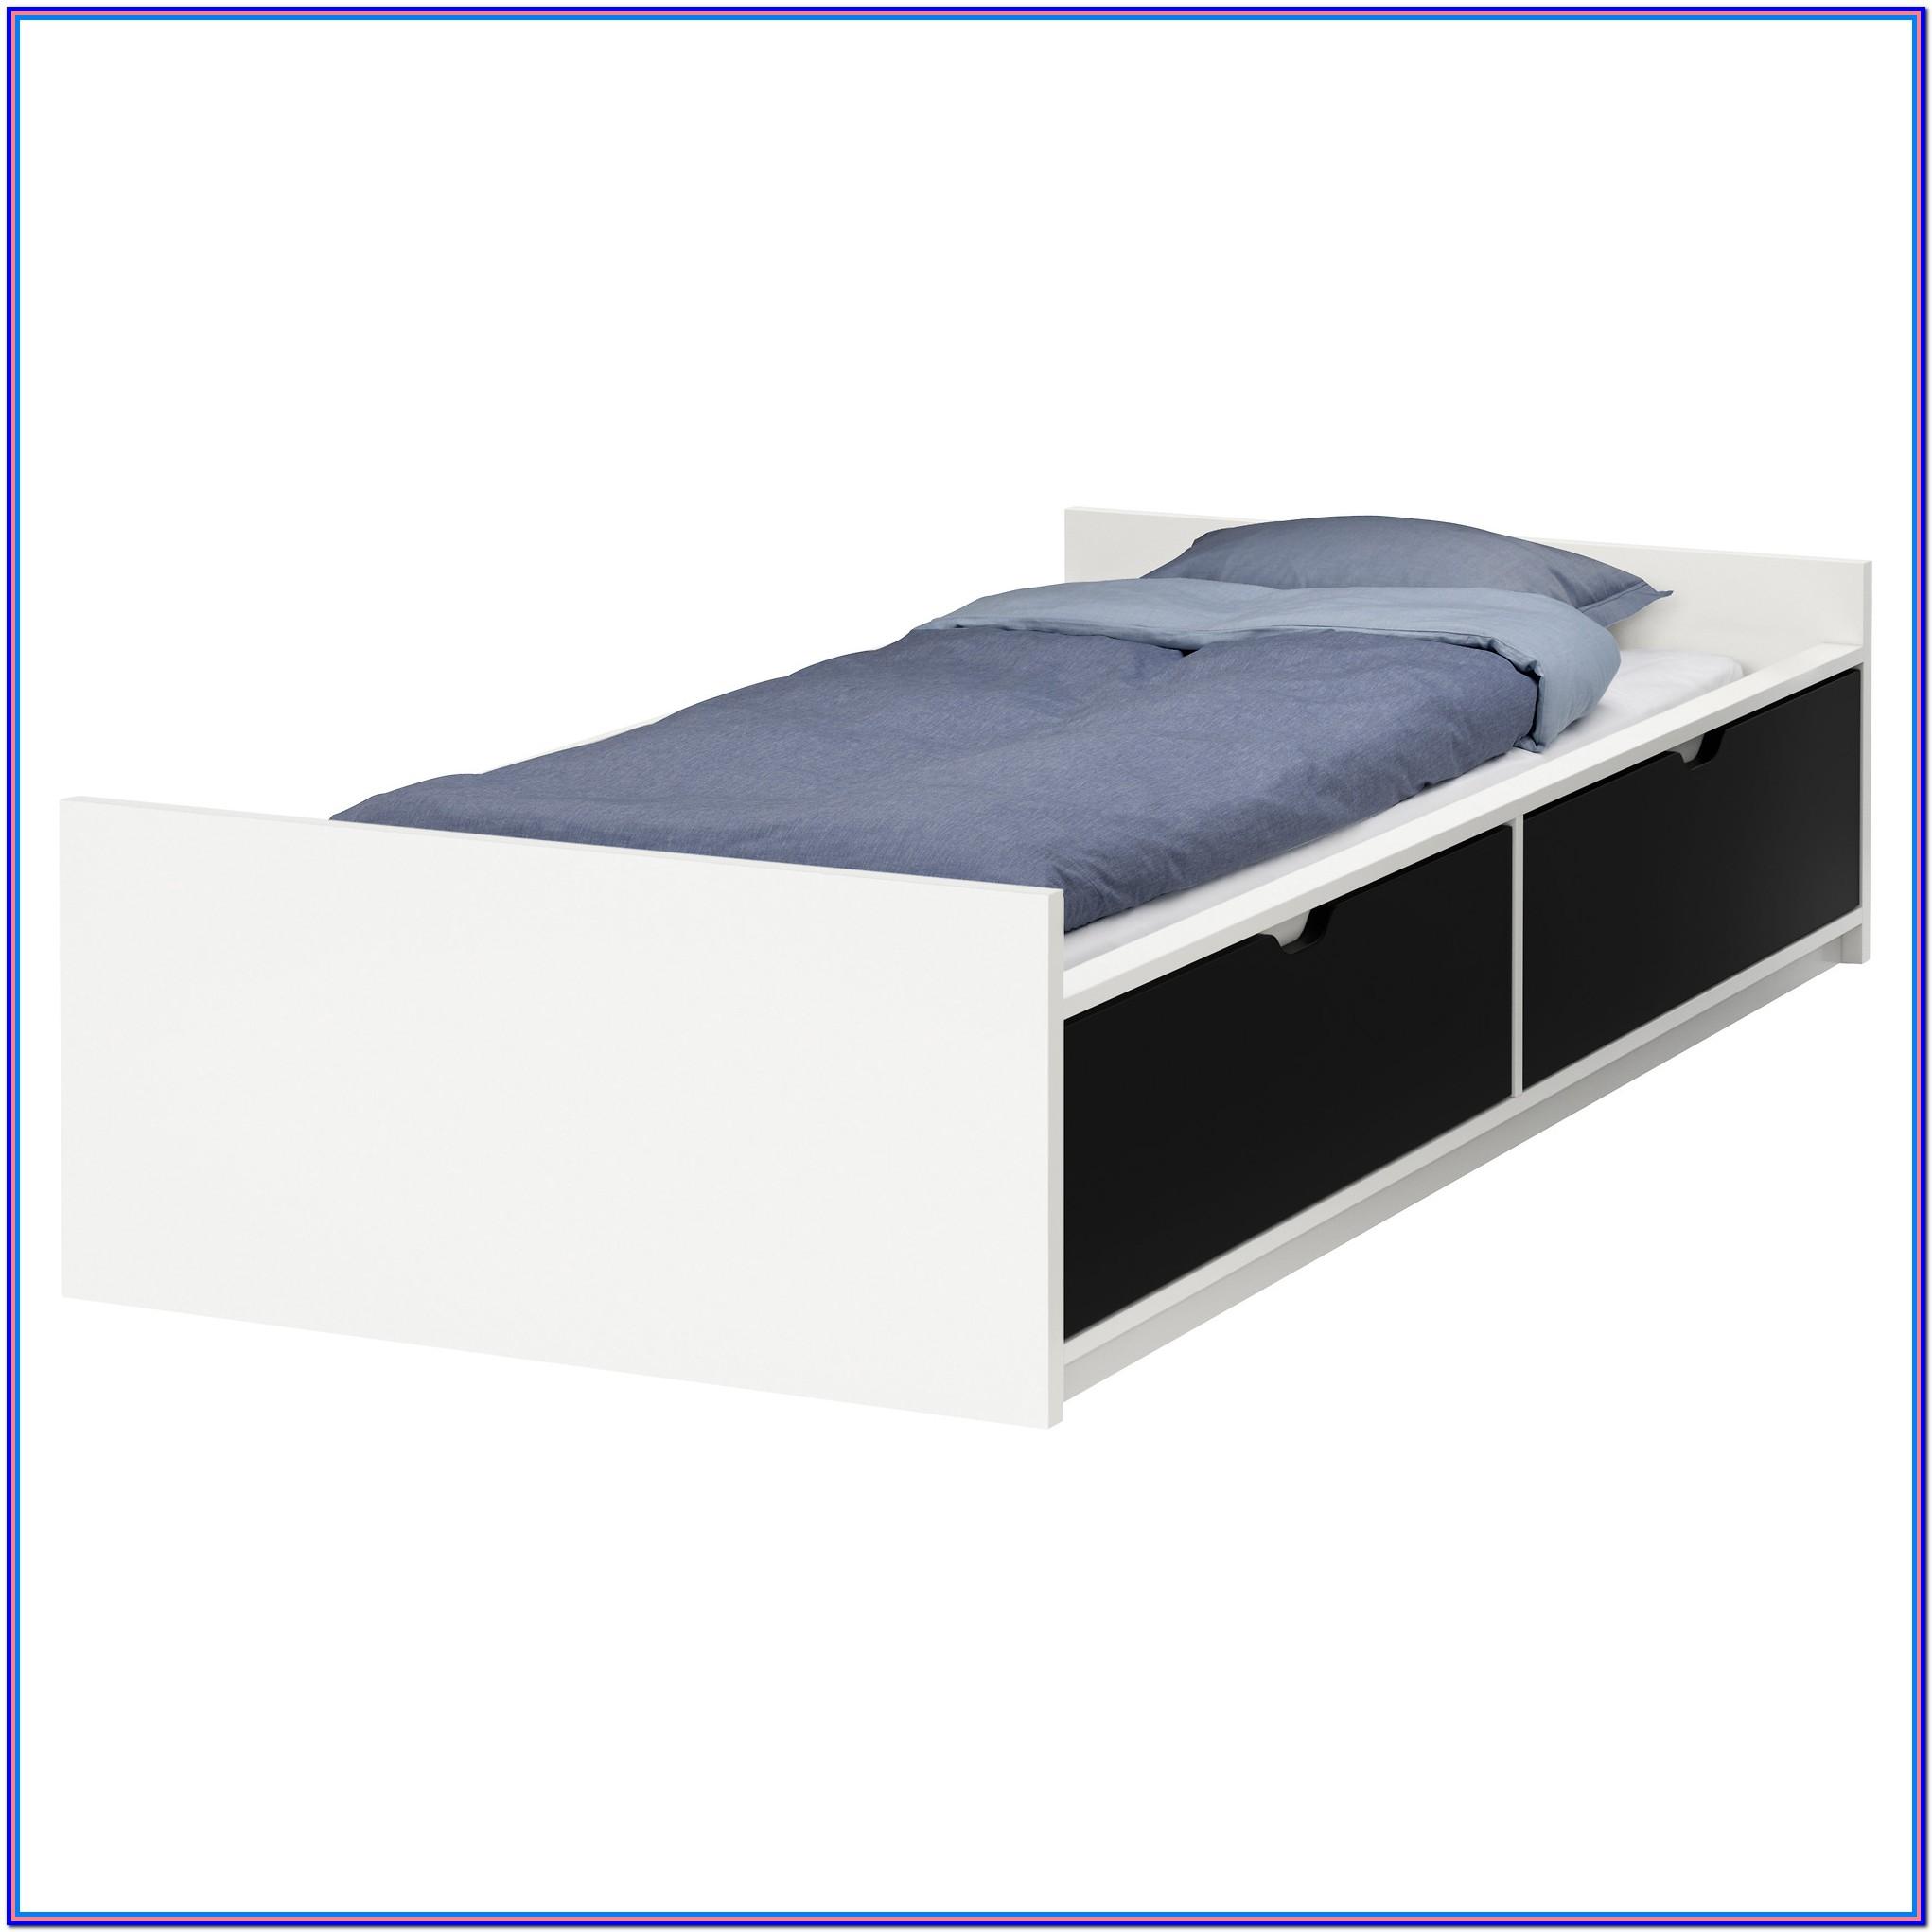 Ikea Platform Bed With Storage Underneath